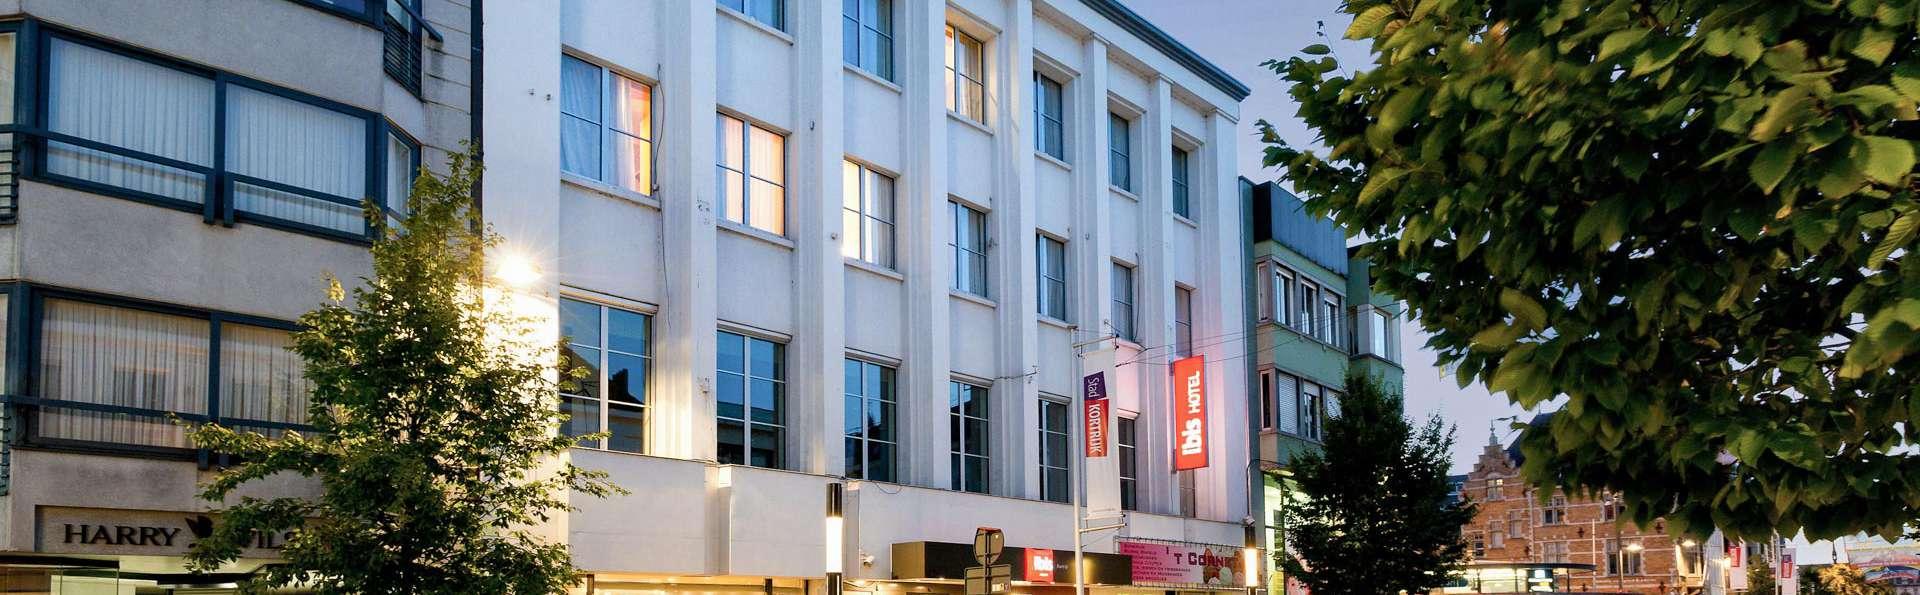 Hotel Ibis Kortrijk - EDIT_FRONT_01.jpg